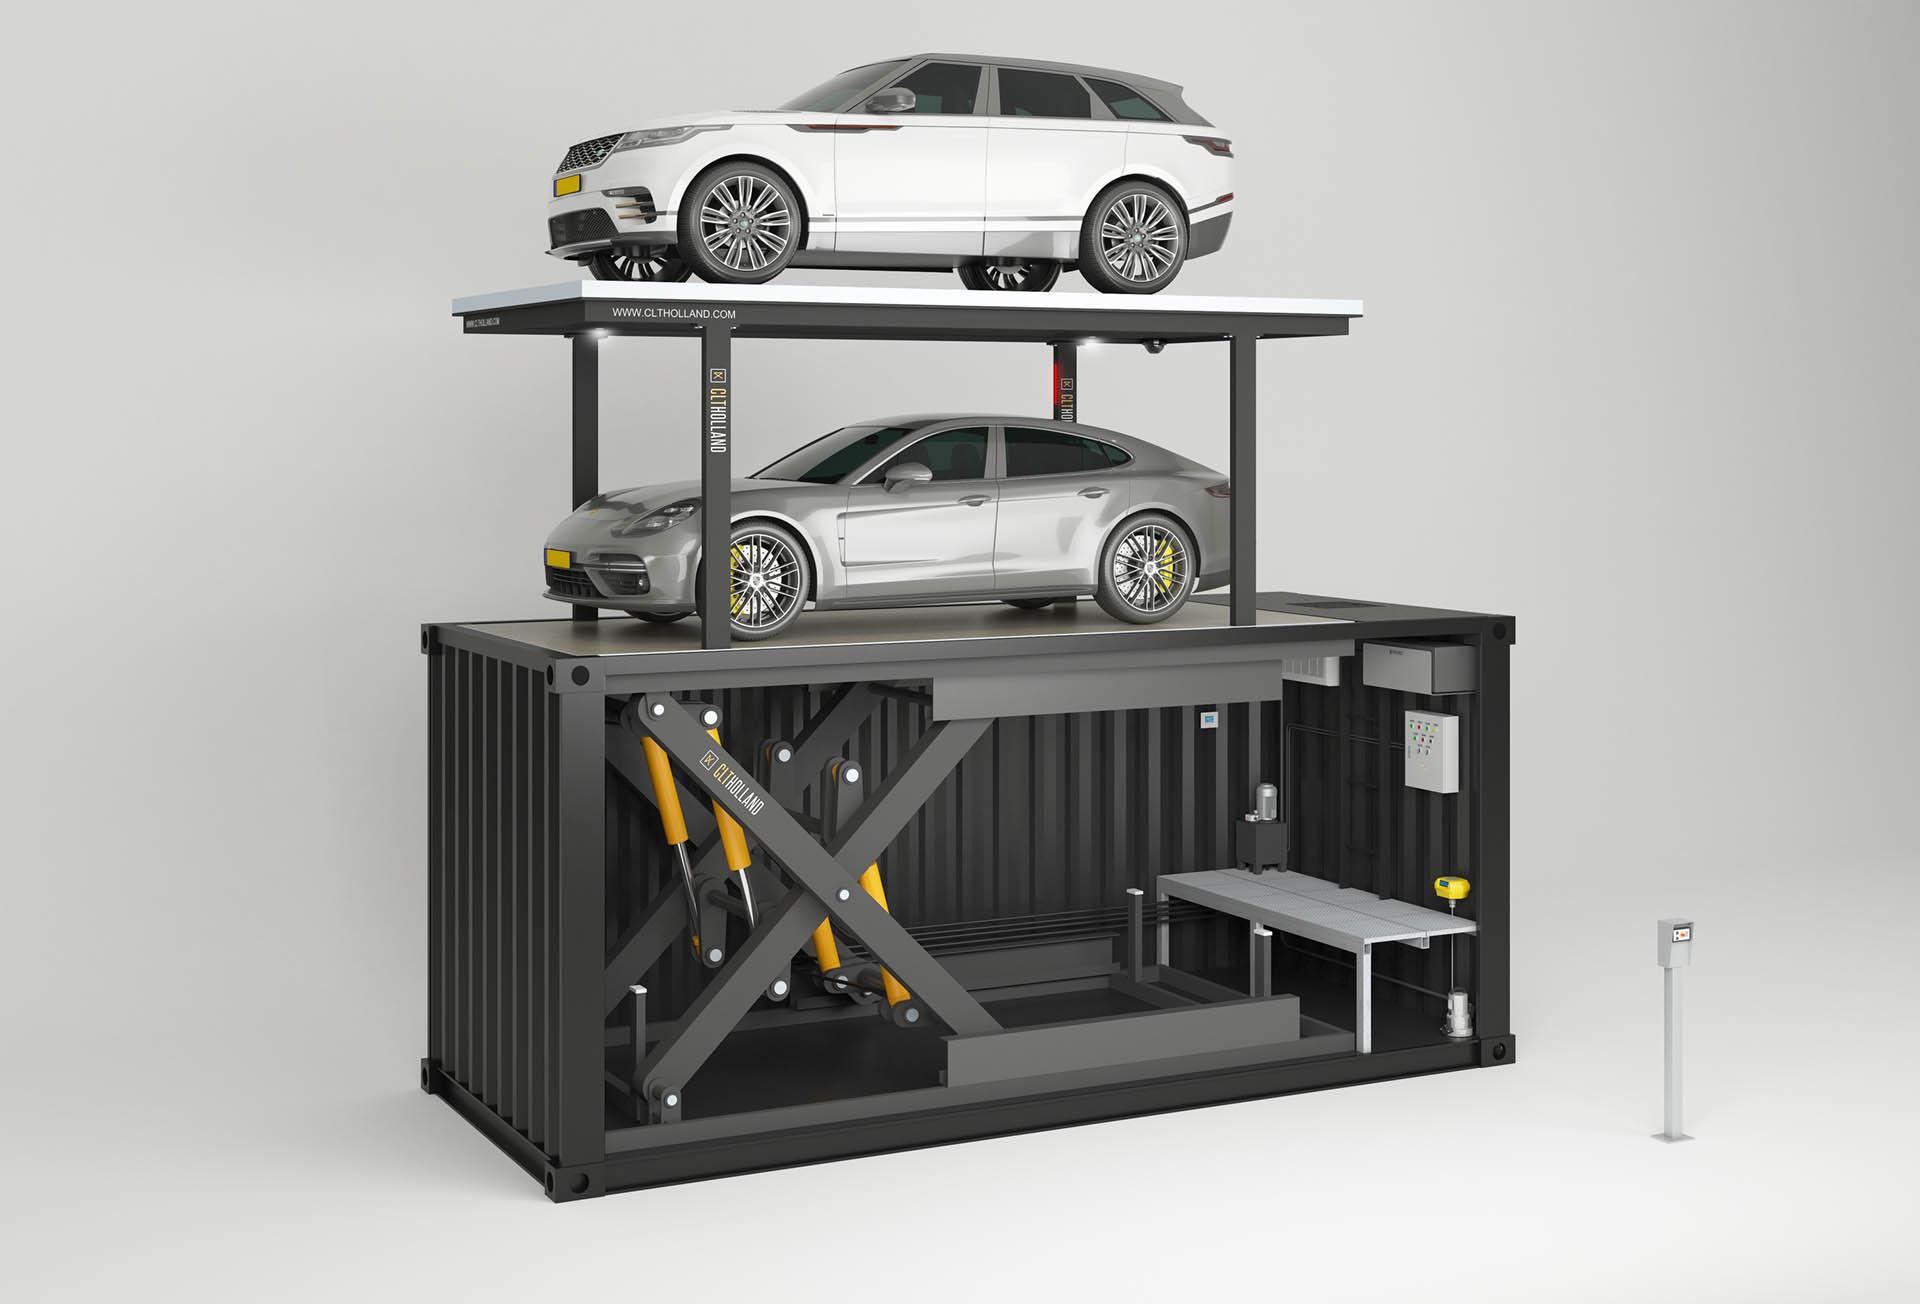 CLT Holland - Autoliften - Wilt u geen betonbak? Dan hebben wij als alternatief ook zeecontainers waarin de lift kan worden gemonteerd